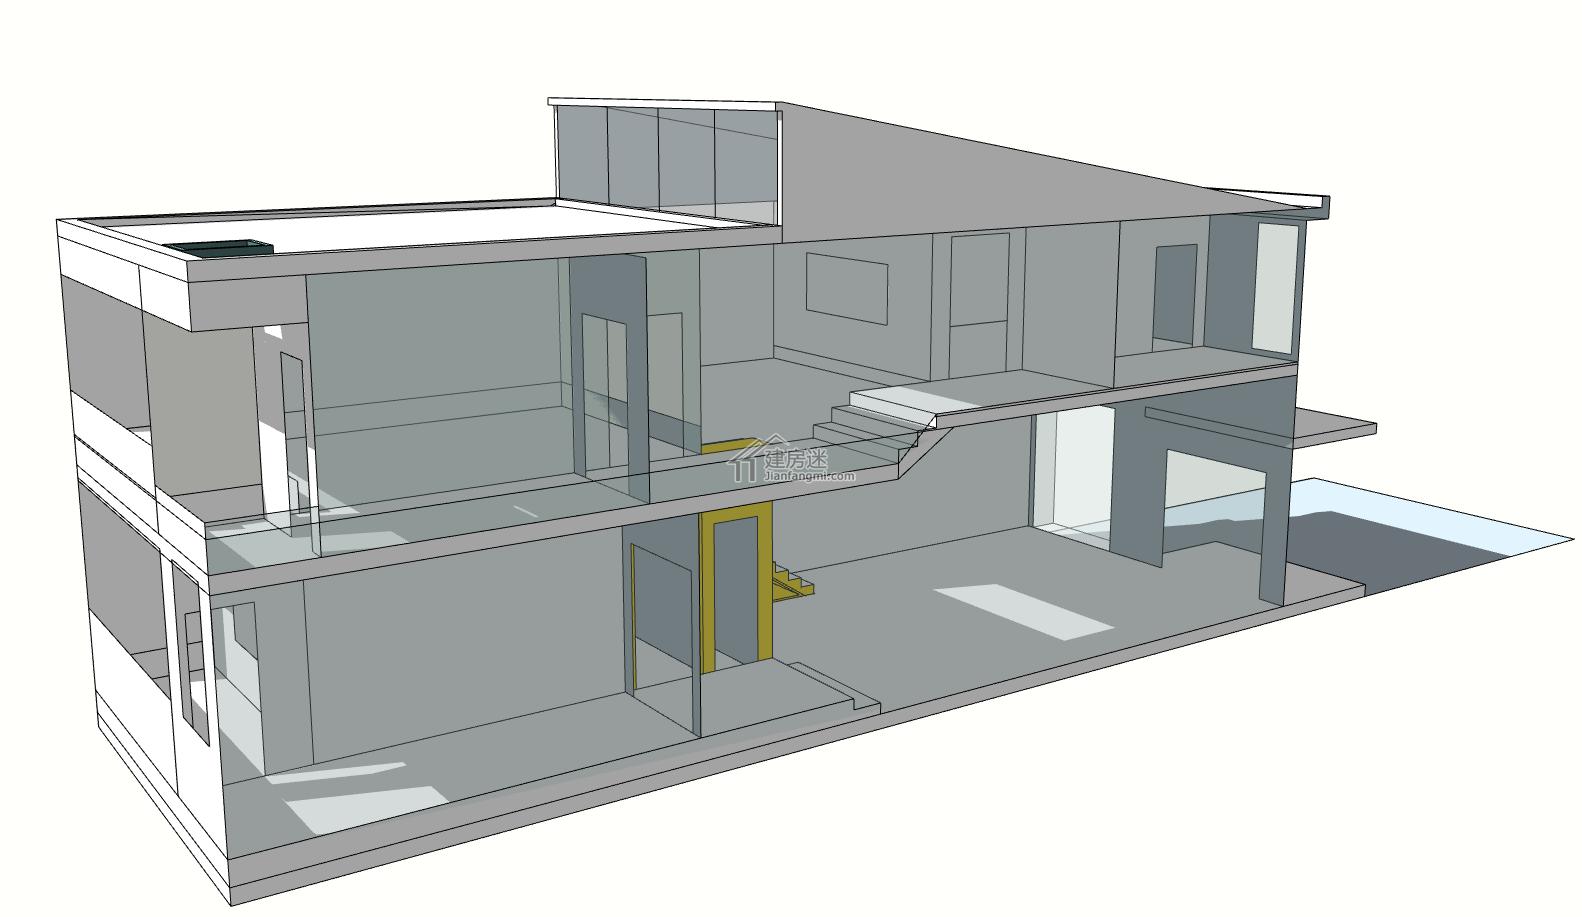 自己5.7x24米的宅基地设计图